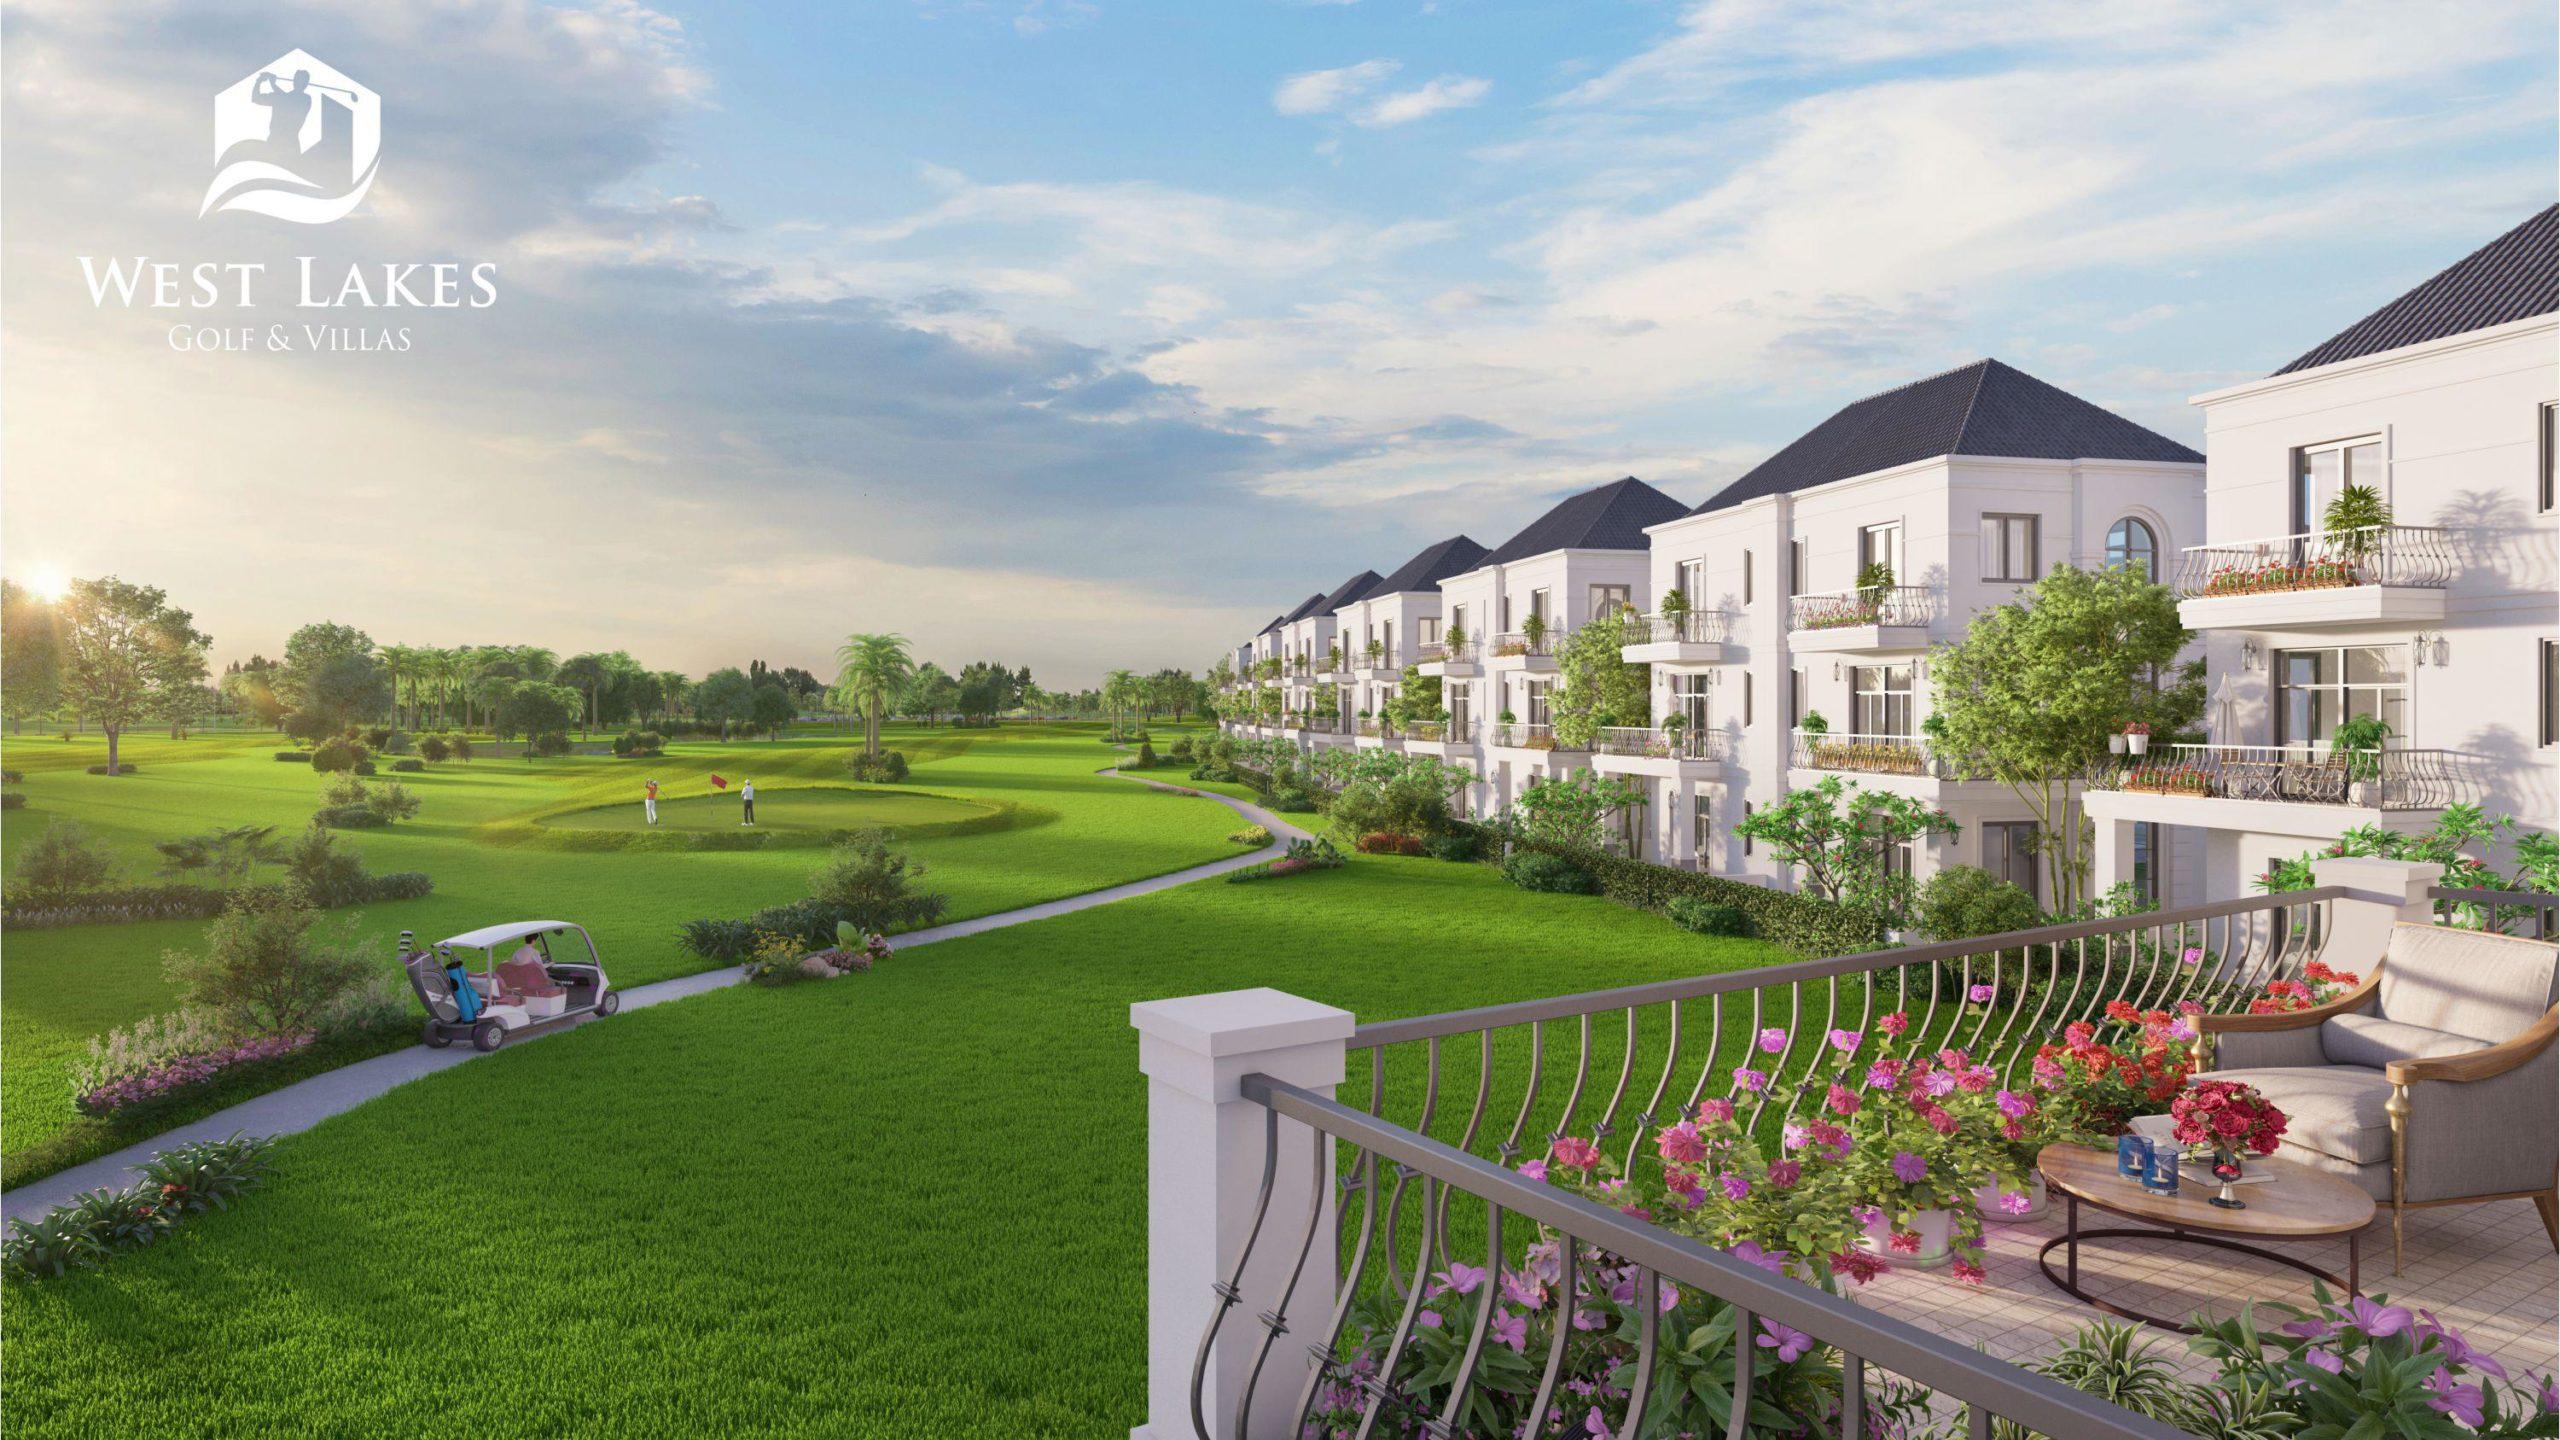 Thông tin về dự án biệt thự nghỉ dưỡng West Lakes Golf & Villas